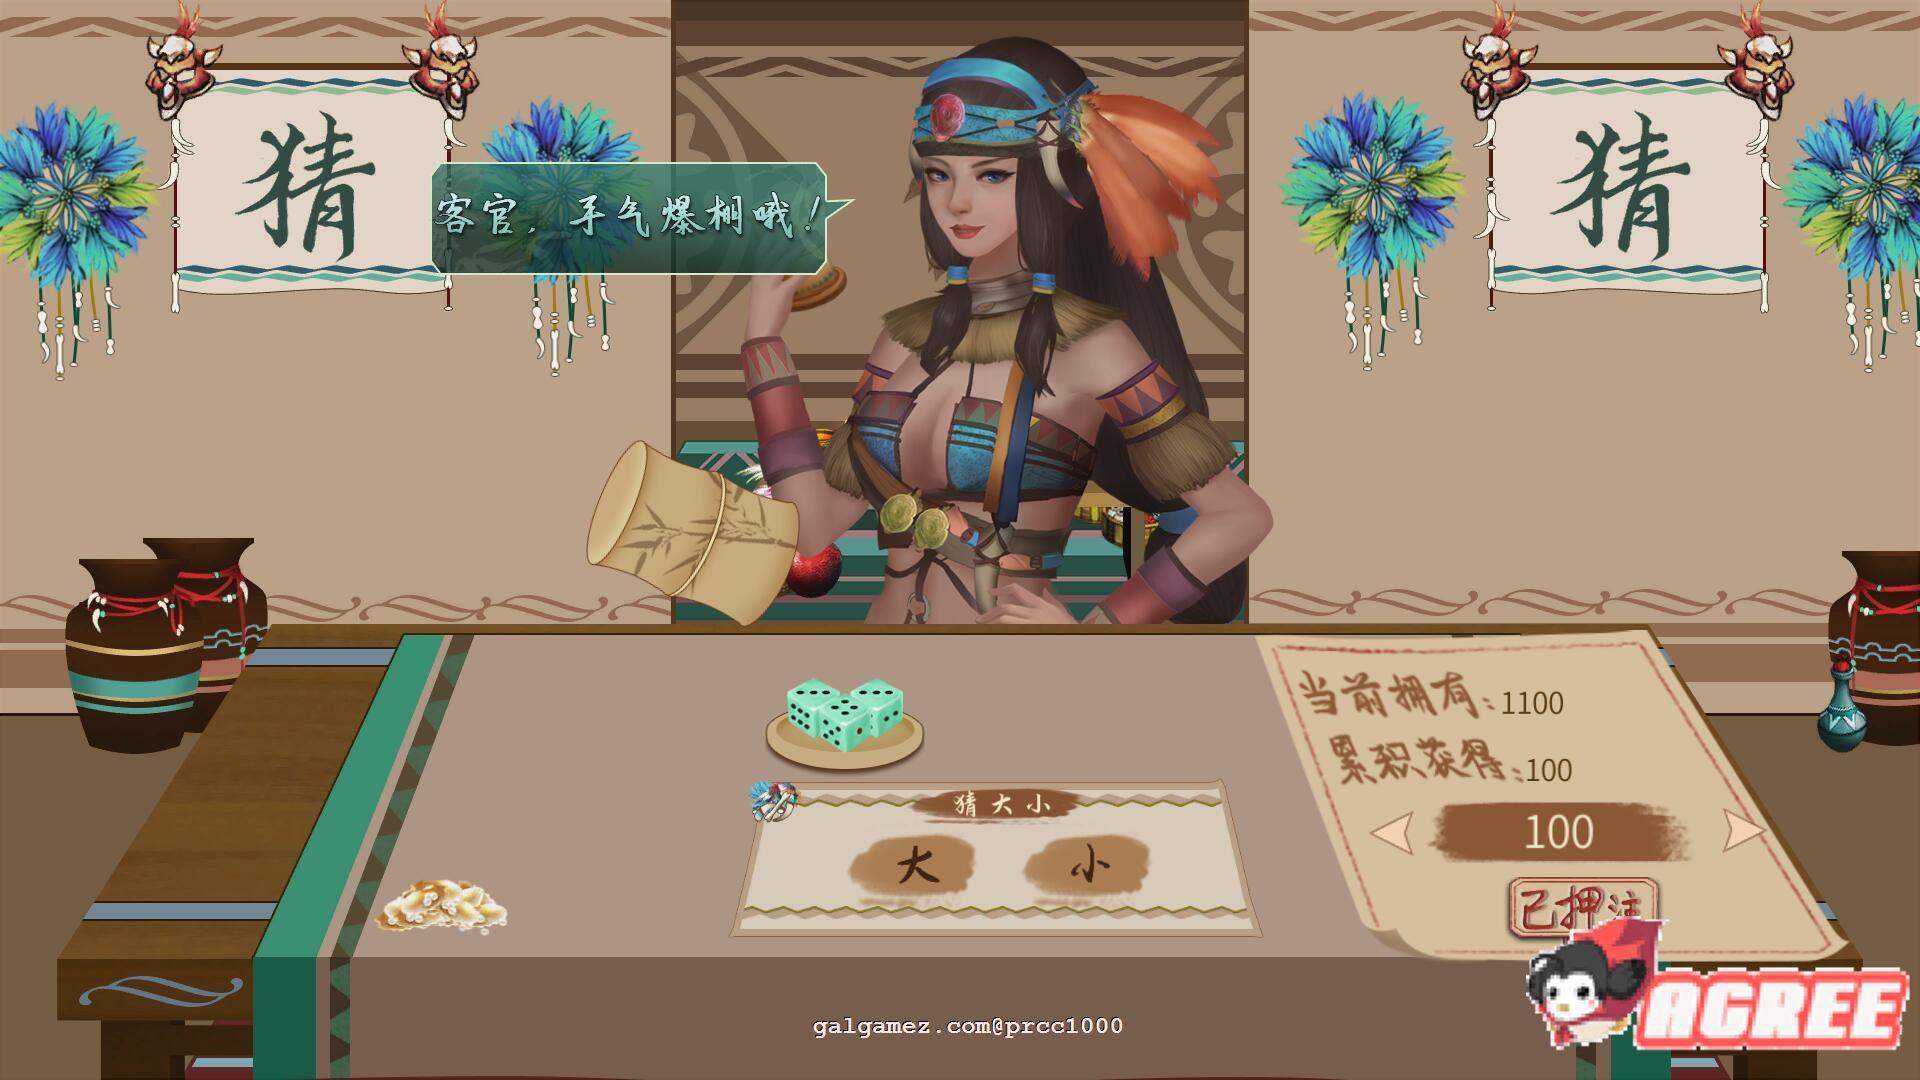 【大型RPG/中文/全动态】烈山海-BMS1 STEAM官方中文步兵版[极品国风] 【3.7G/新作】 18